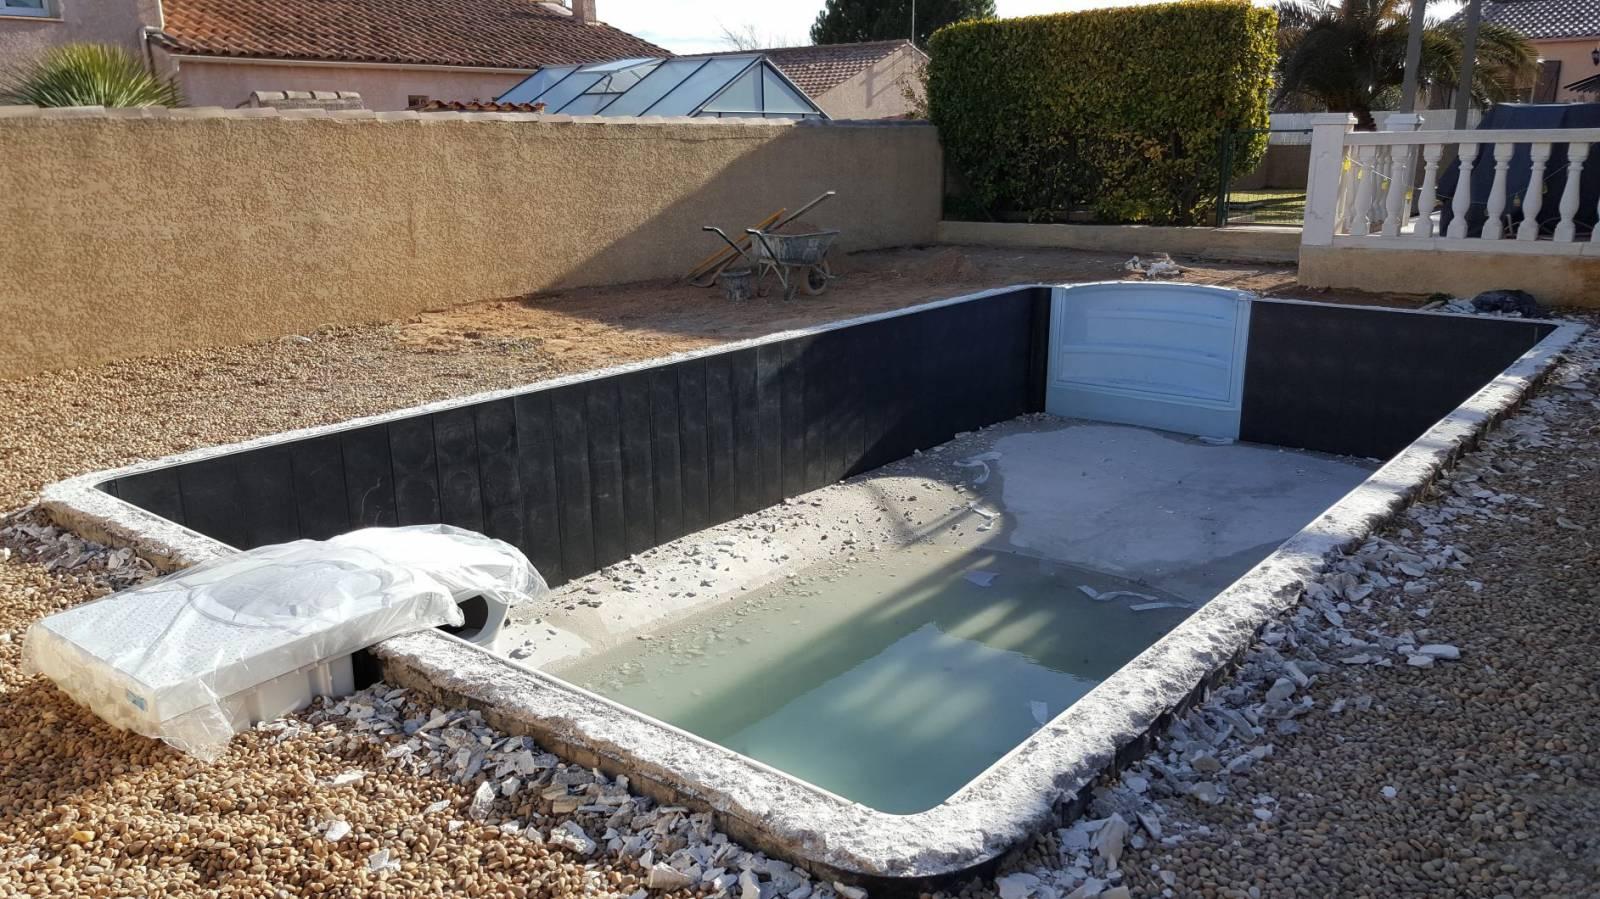 Rénovation D'une Piscine Desjoyaux De 8X4 Mètres ... à Tarif Piscine Desjoyaux